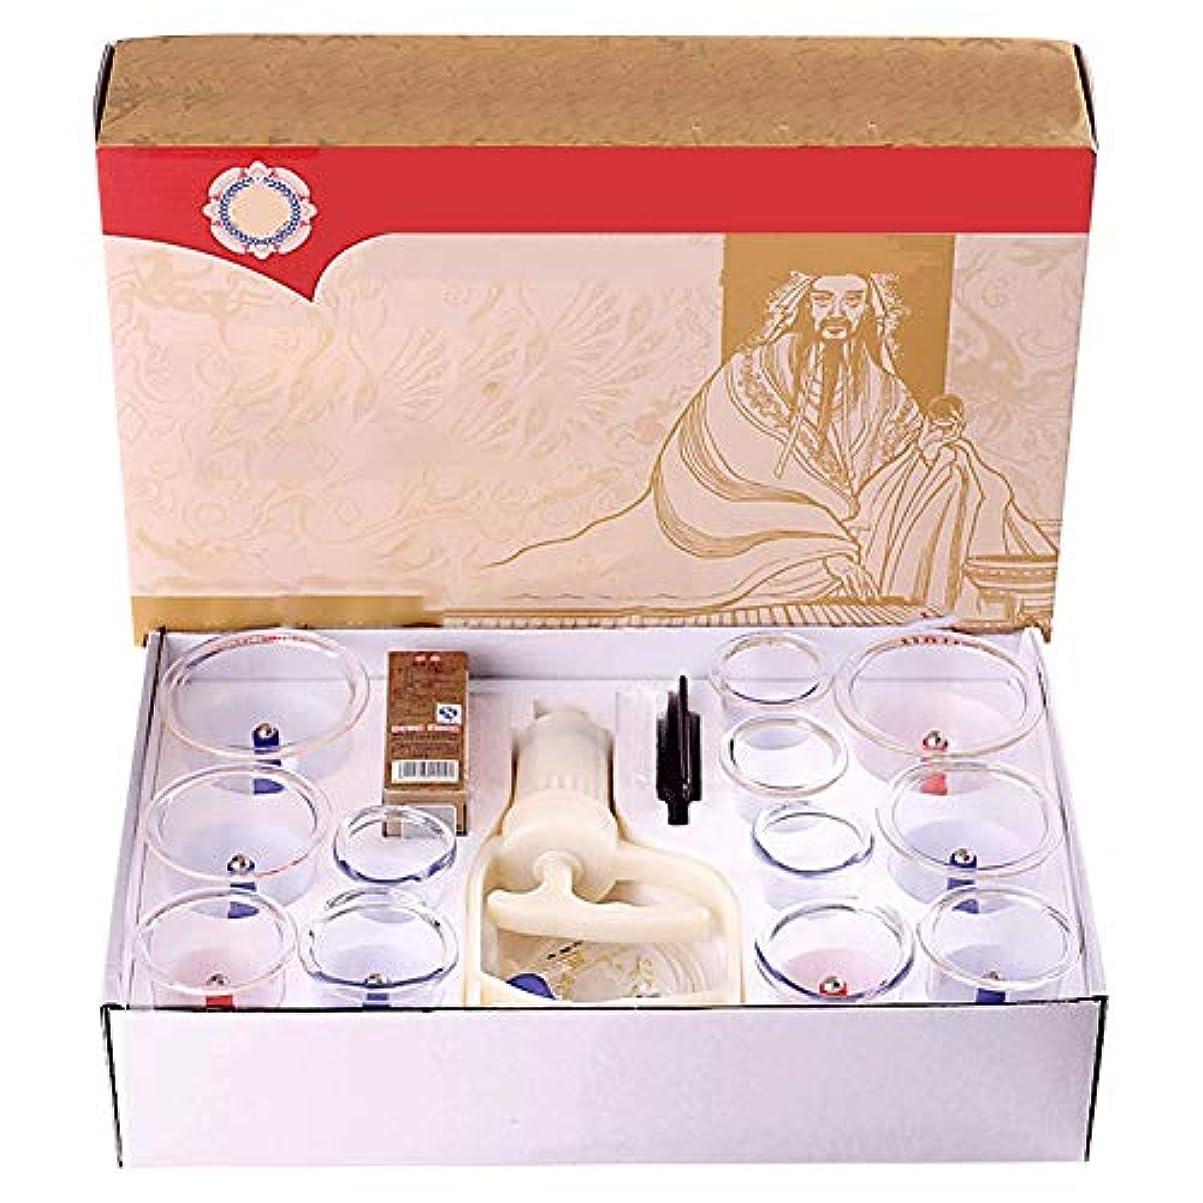 緩めるサイト連鎖マッサージカッピングセット、耐久性のあるプロフェッショナルな中国のツボカッピング療法、ポータブルパッケージ、ボディマッサージの痛みを軽減する理学療法12カップ